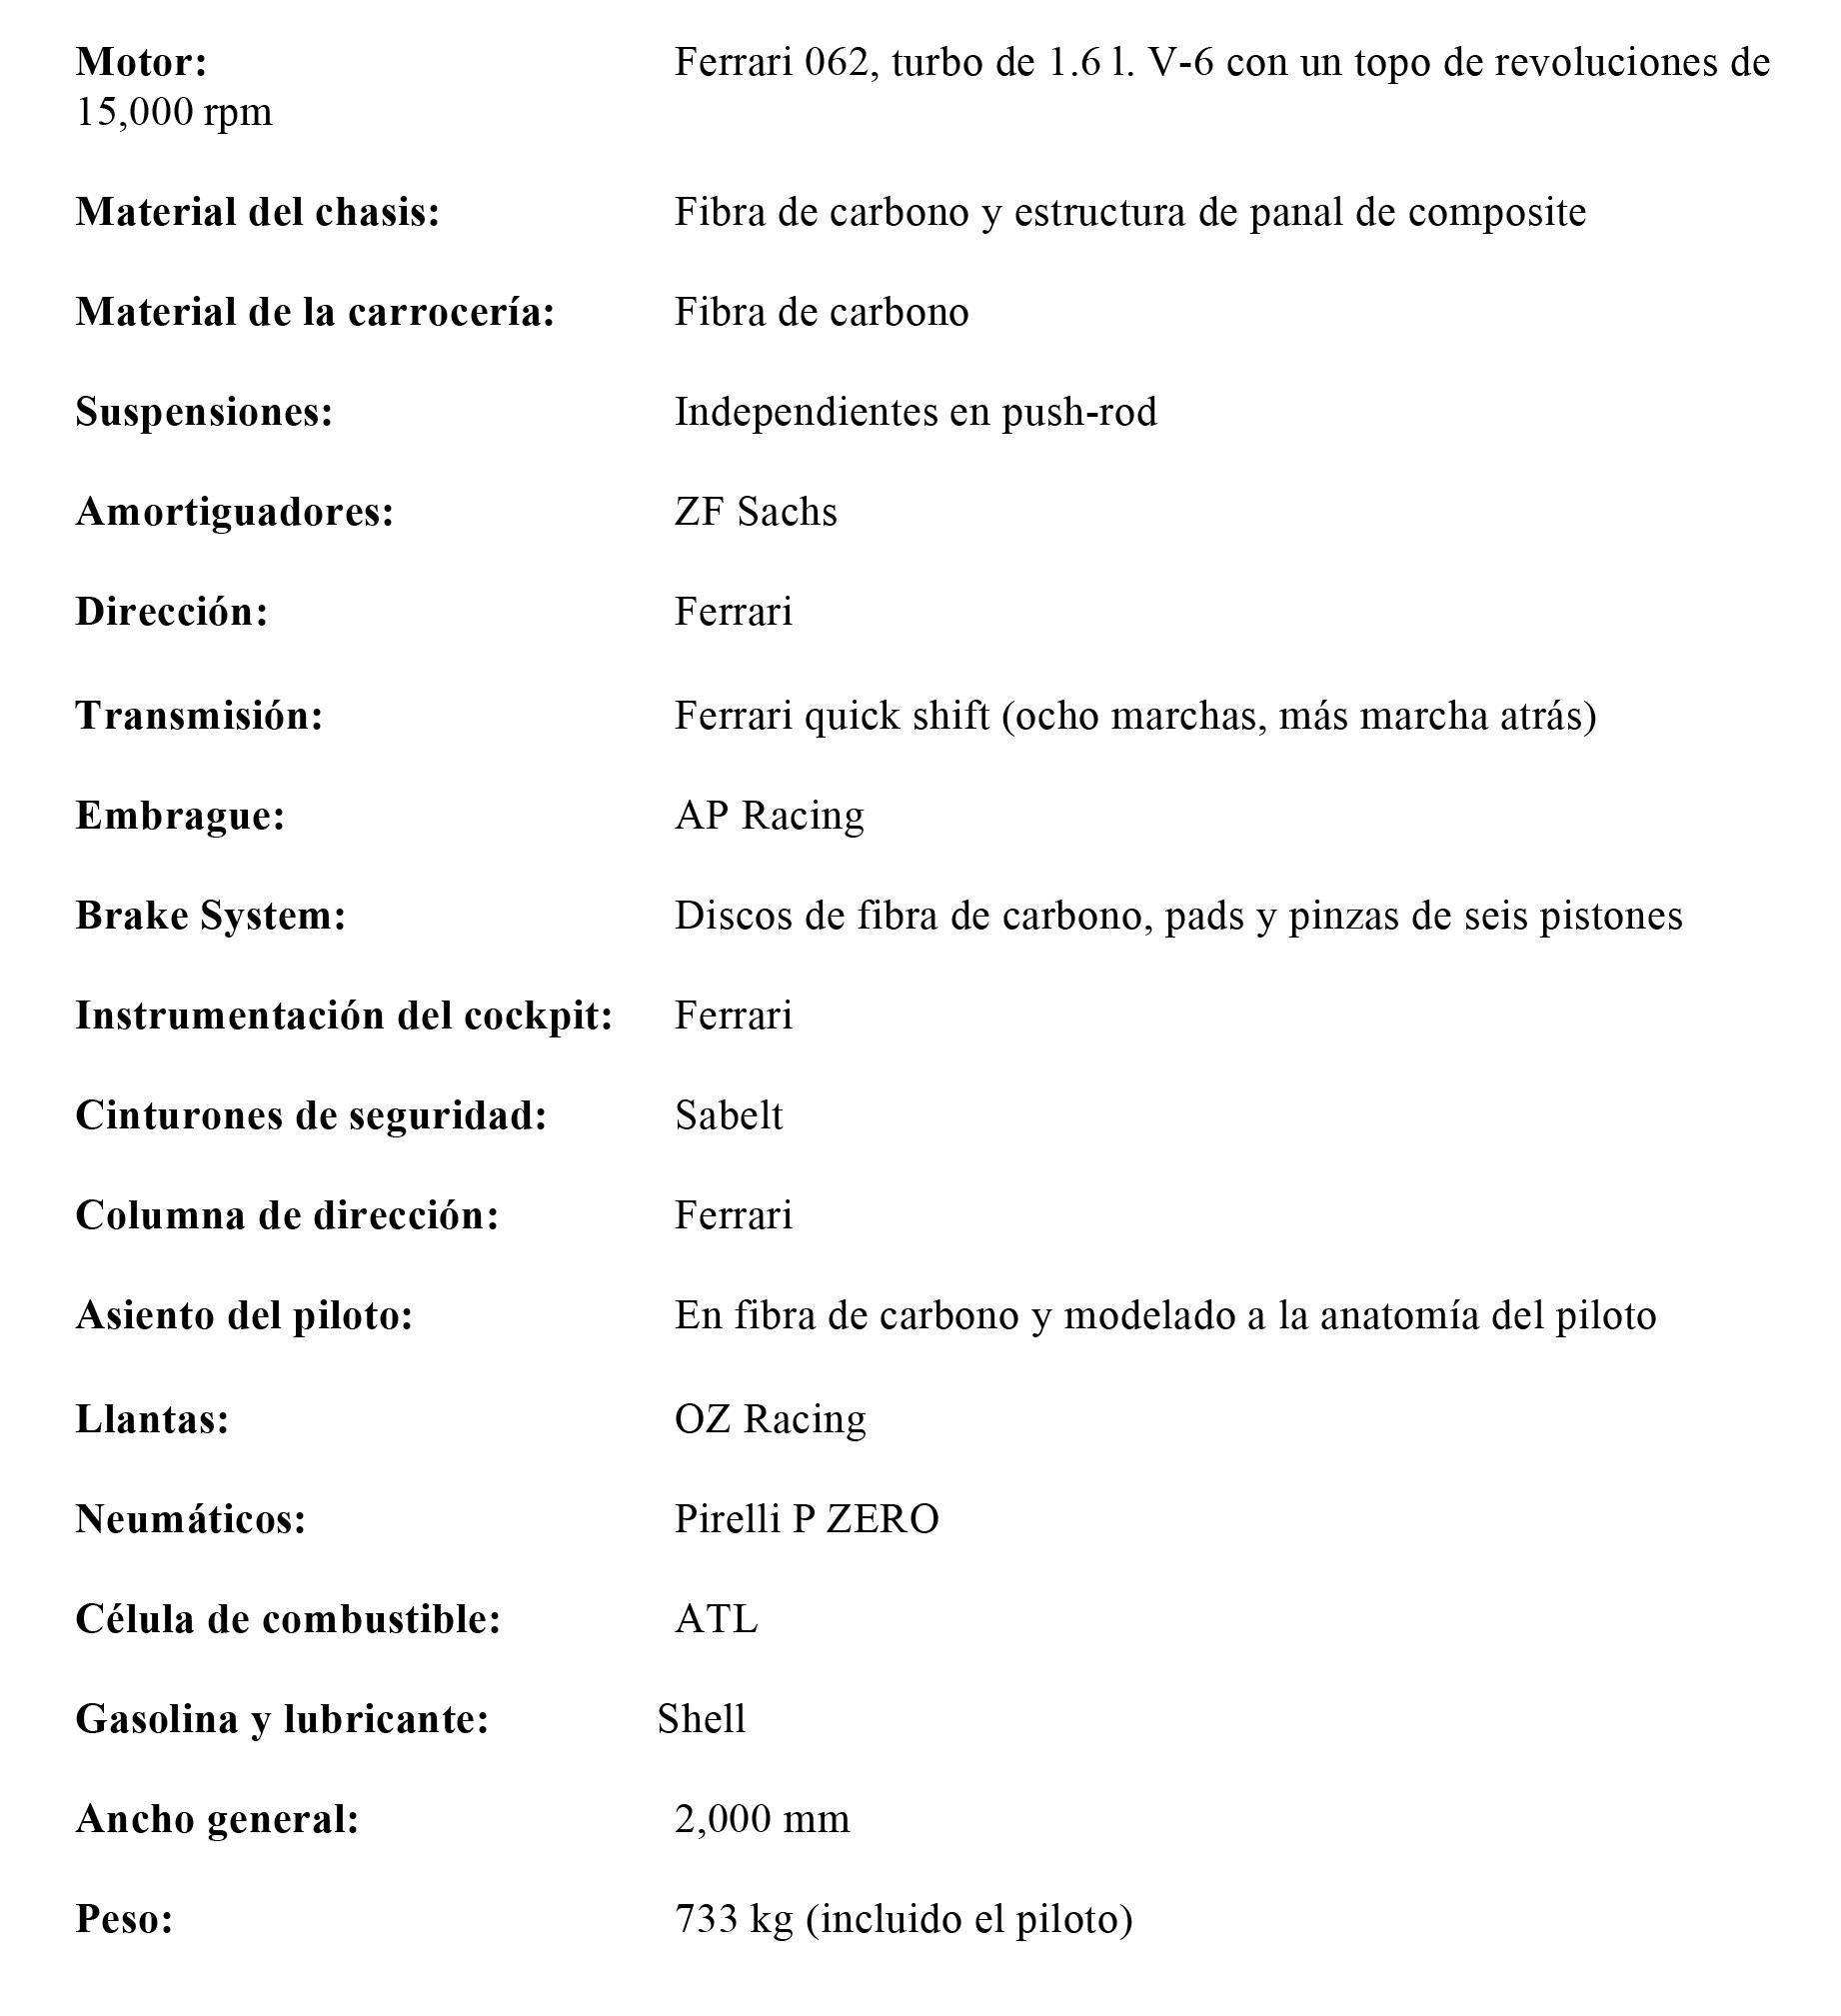 especificaciones-vf-18.jpg